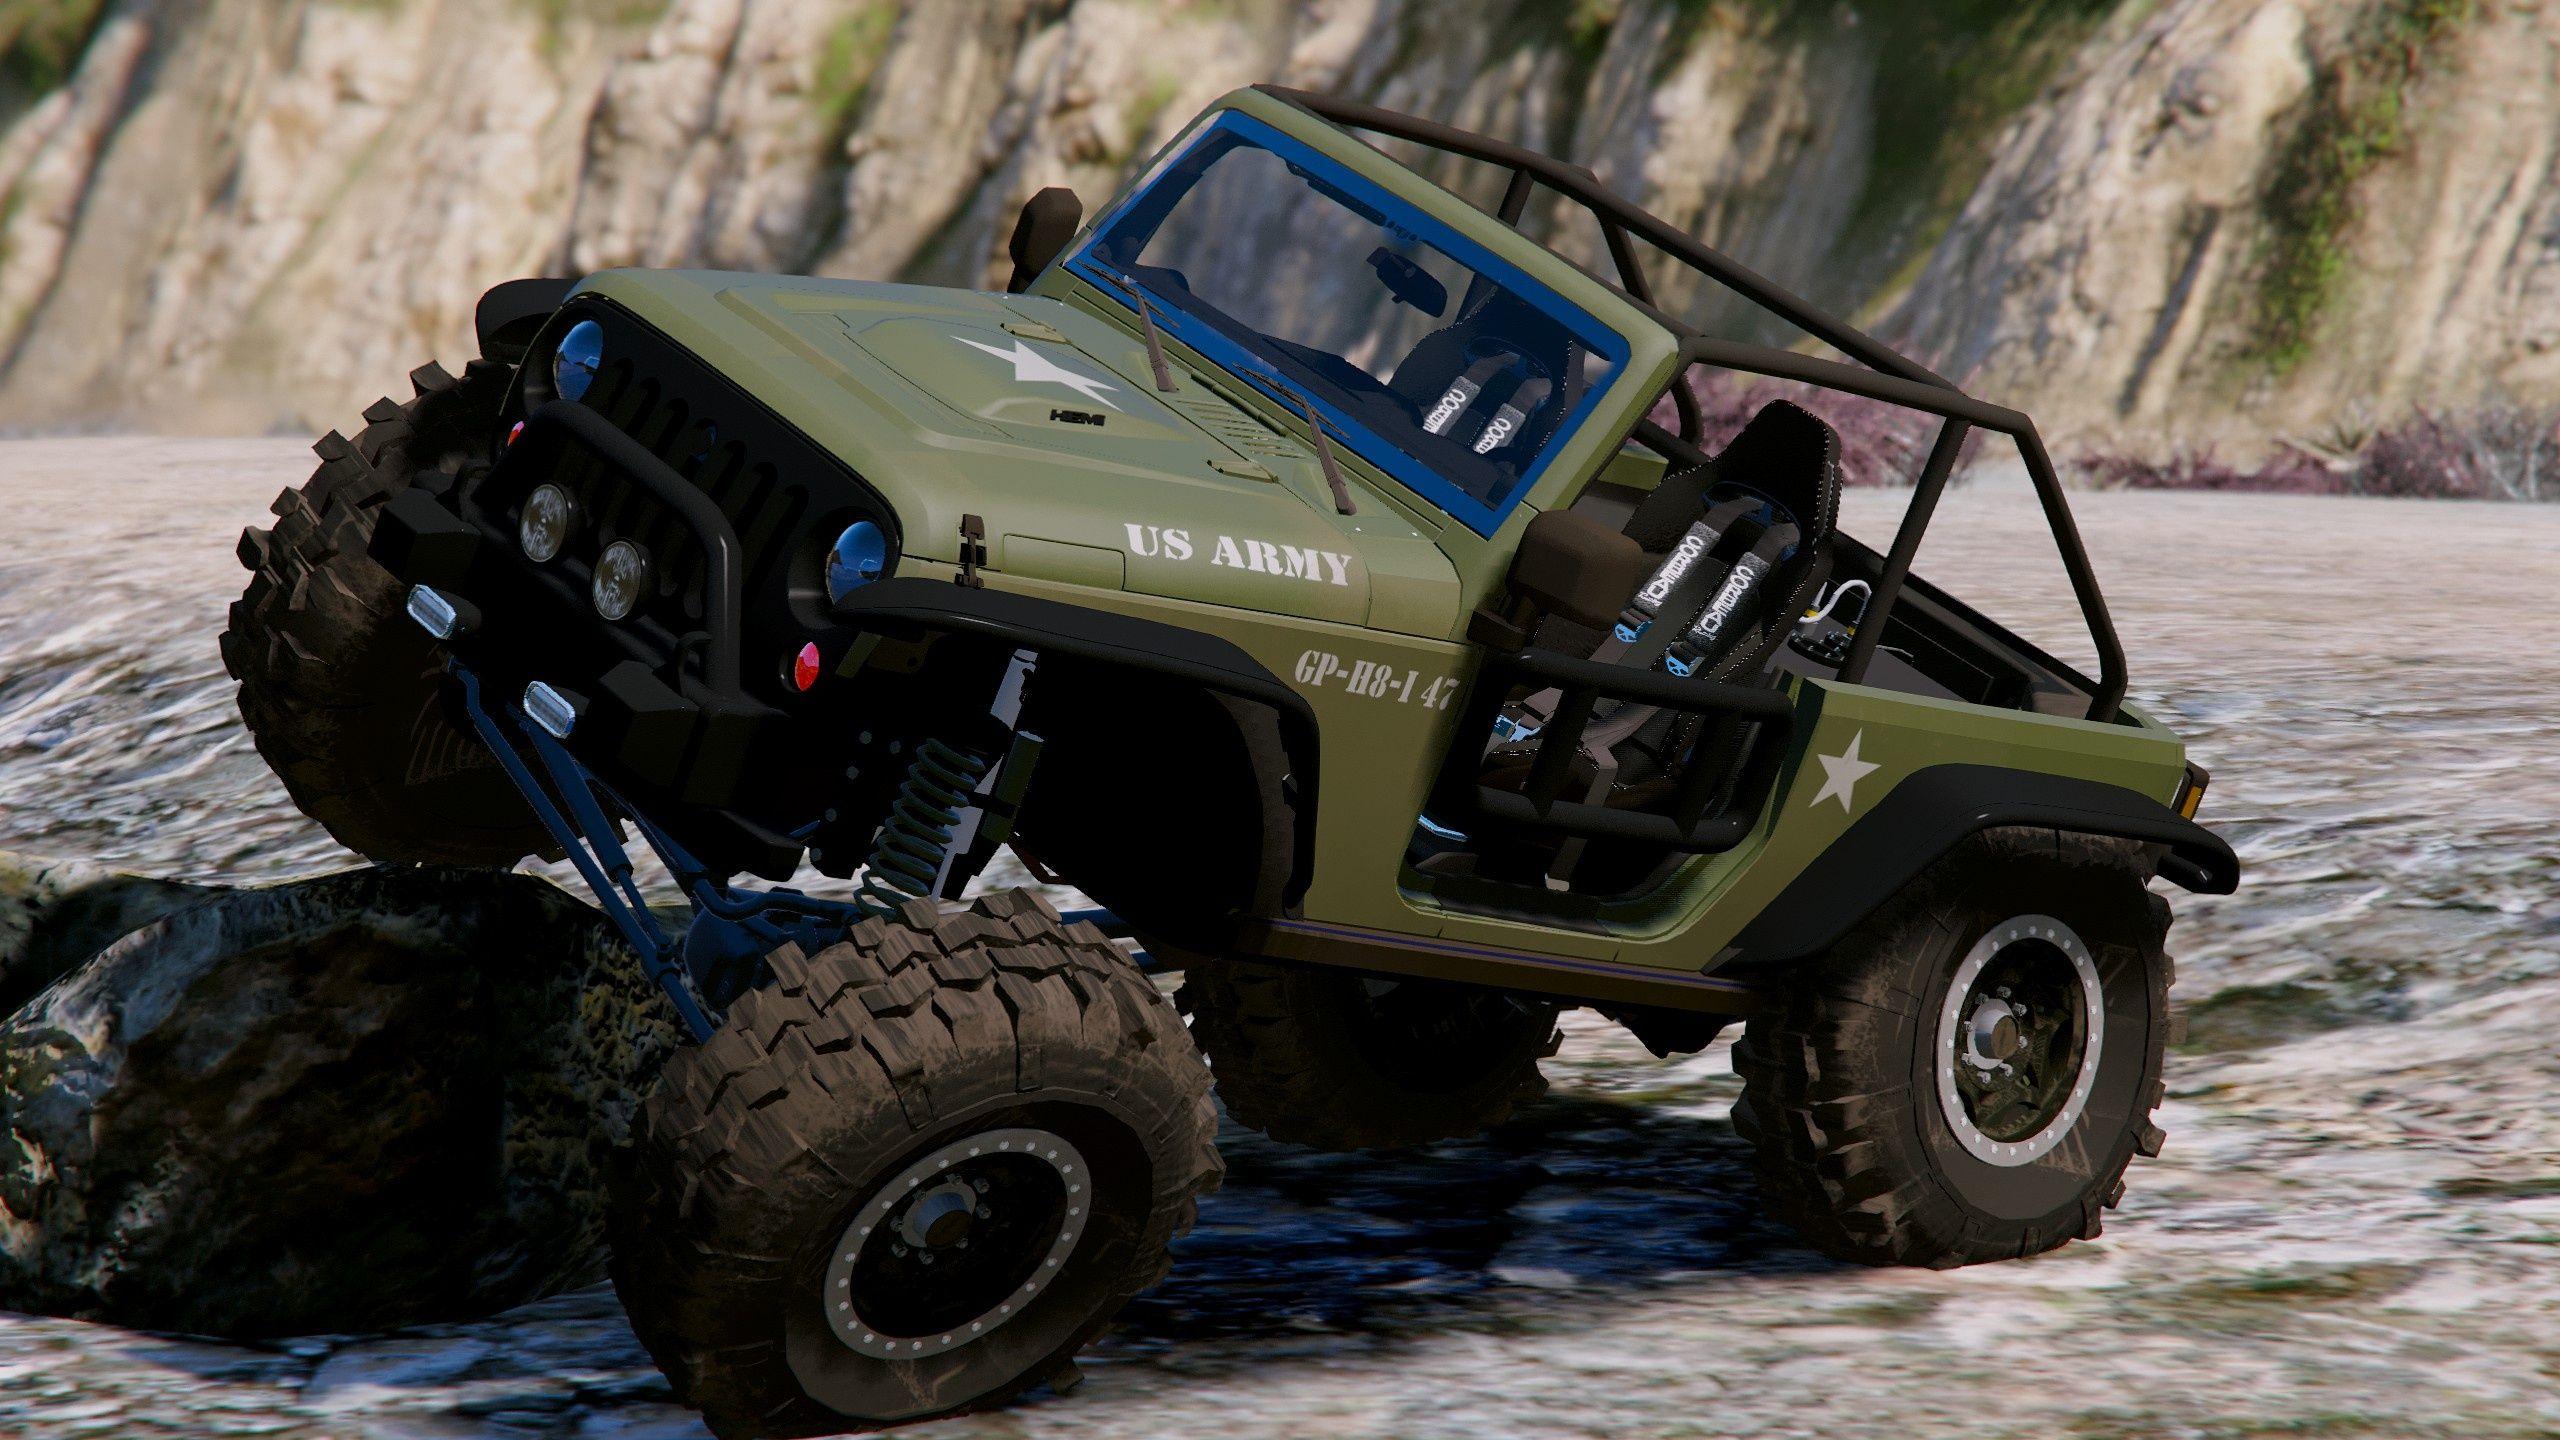 army jeep trailcat jeep cj7 jeep offroad vehicles army jeep trailcat jeep cj7 jeep